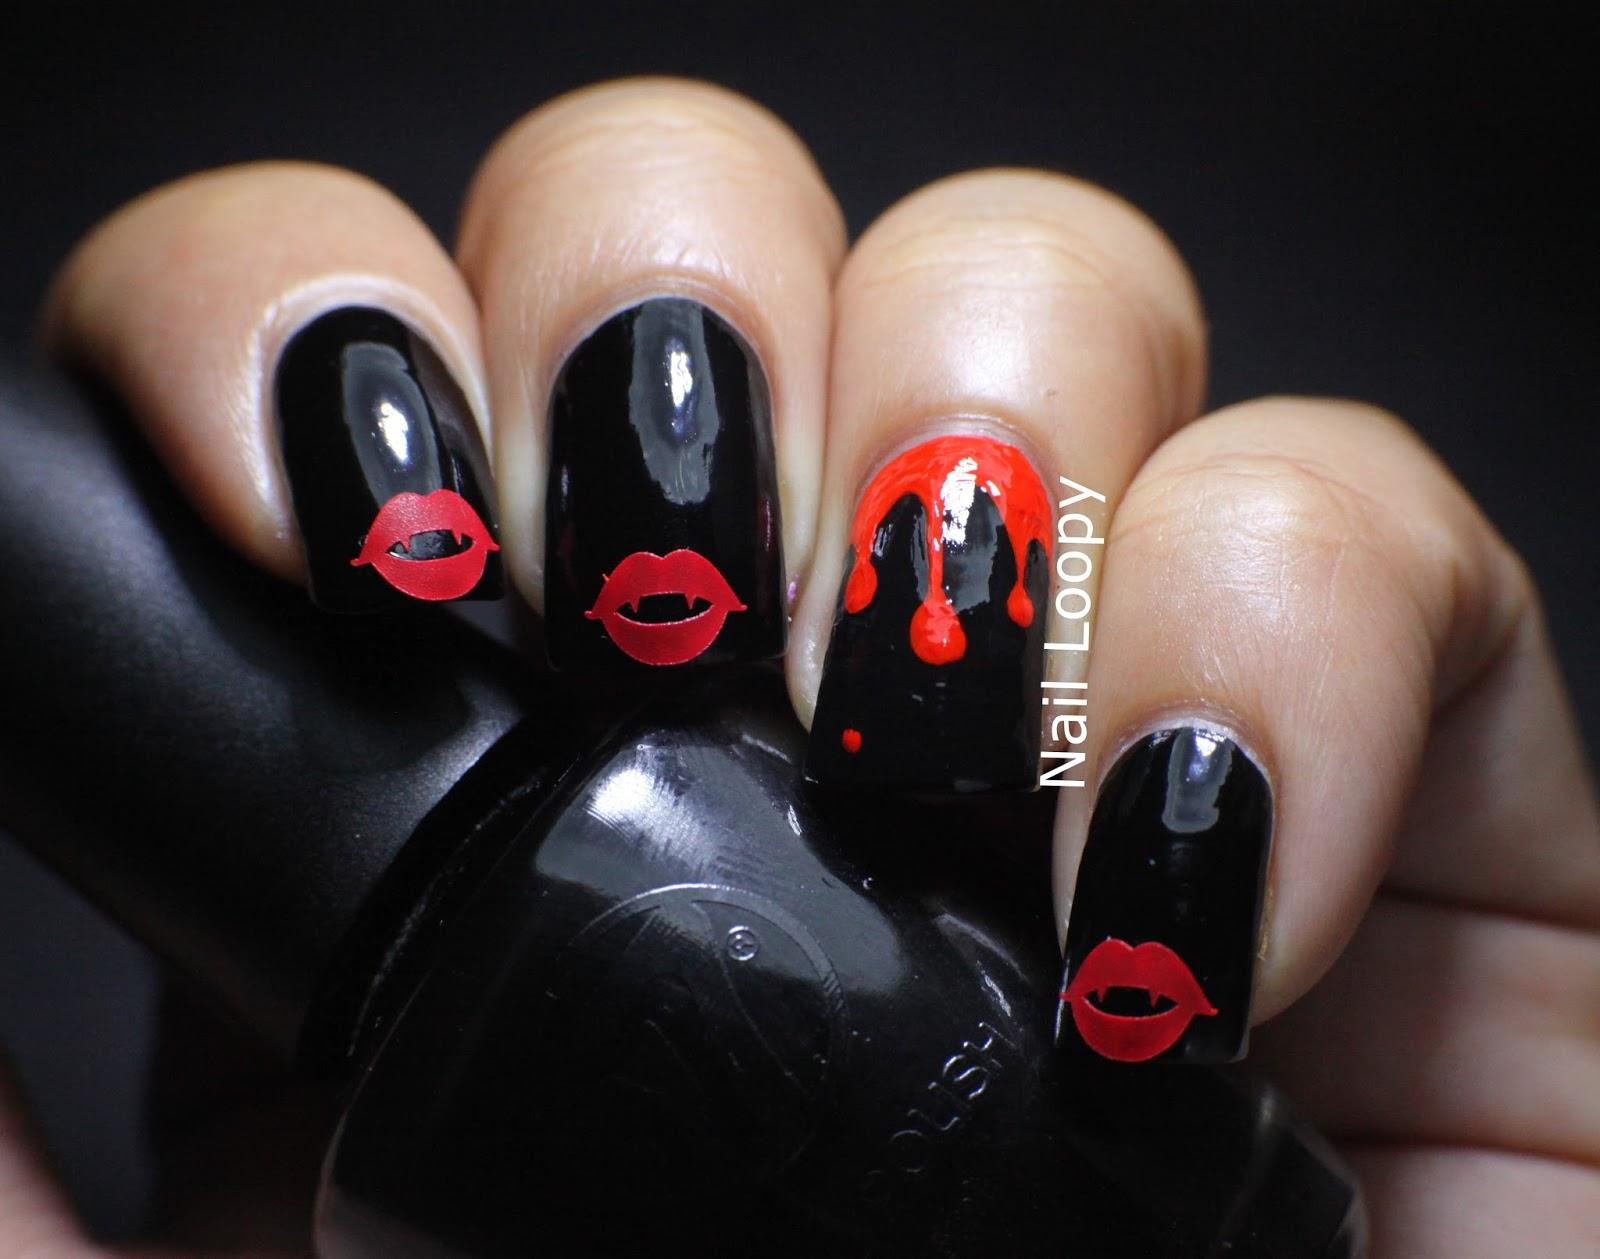 nail loopy: VAMPIRE LIPS NAIL VINYL HALLOWEEN NAILS